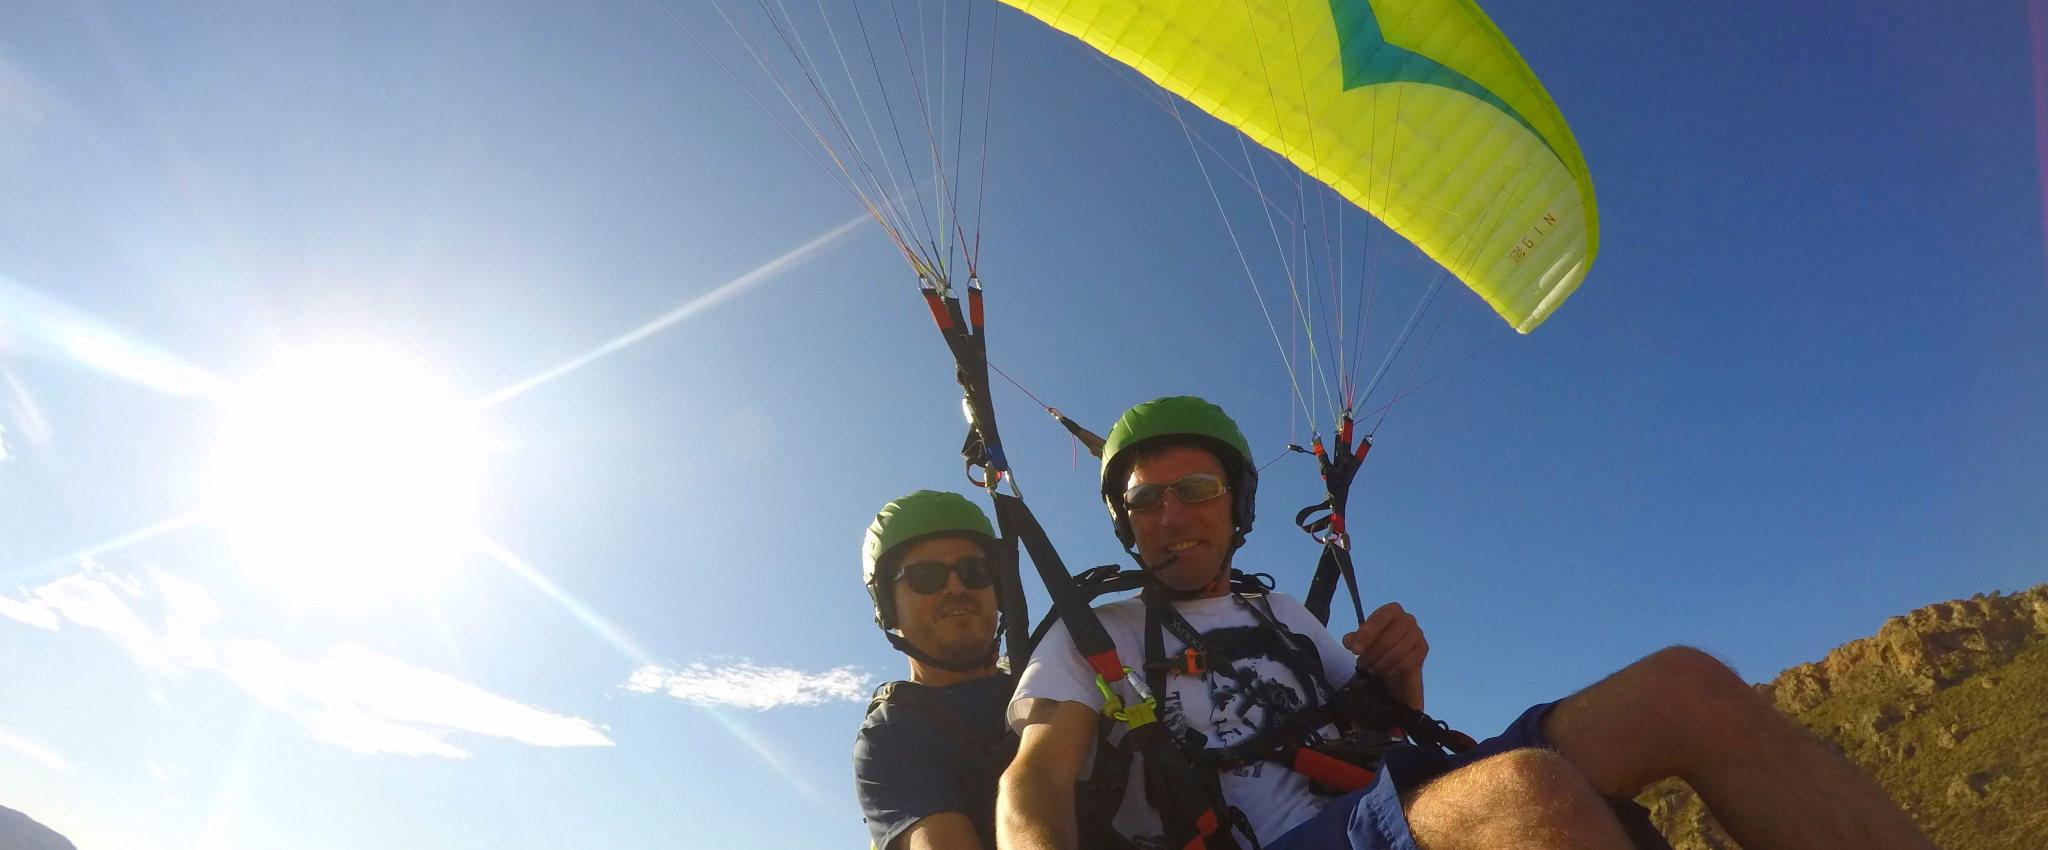 Paragliding en Benidorm Costa Blanca